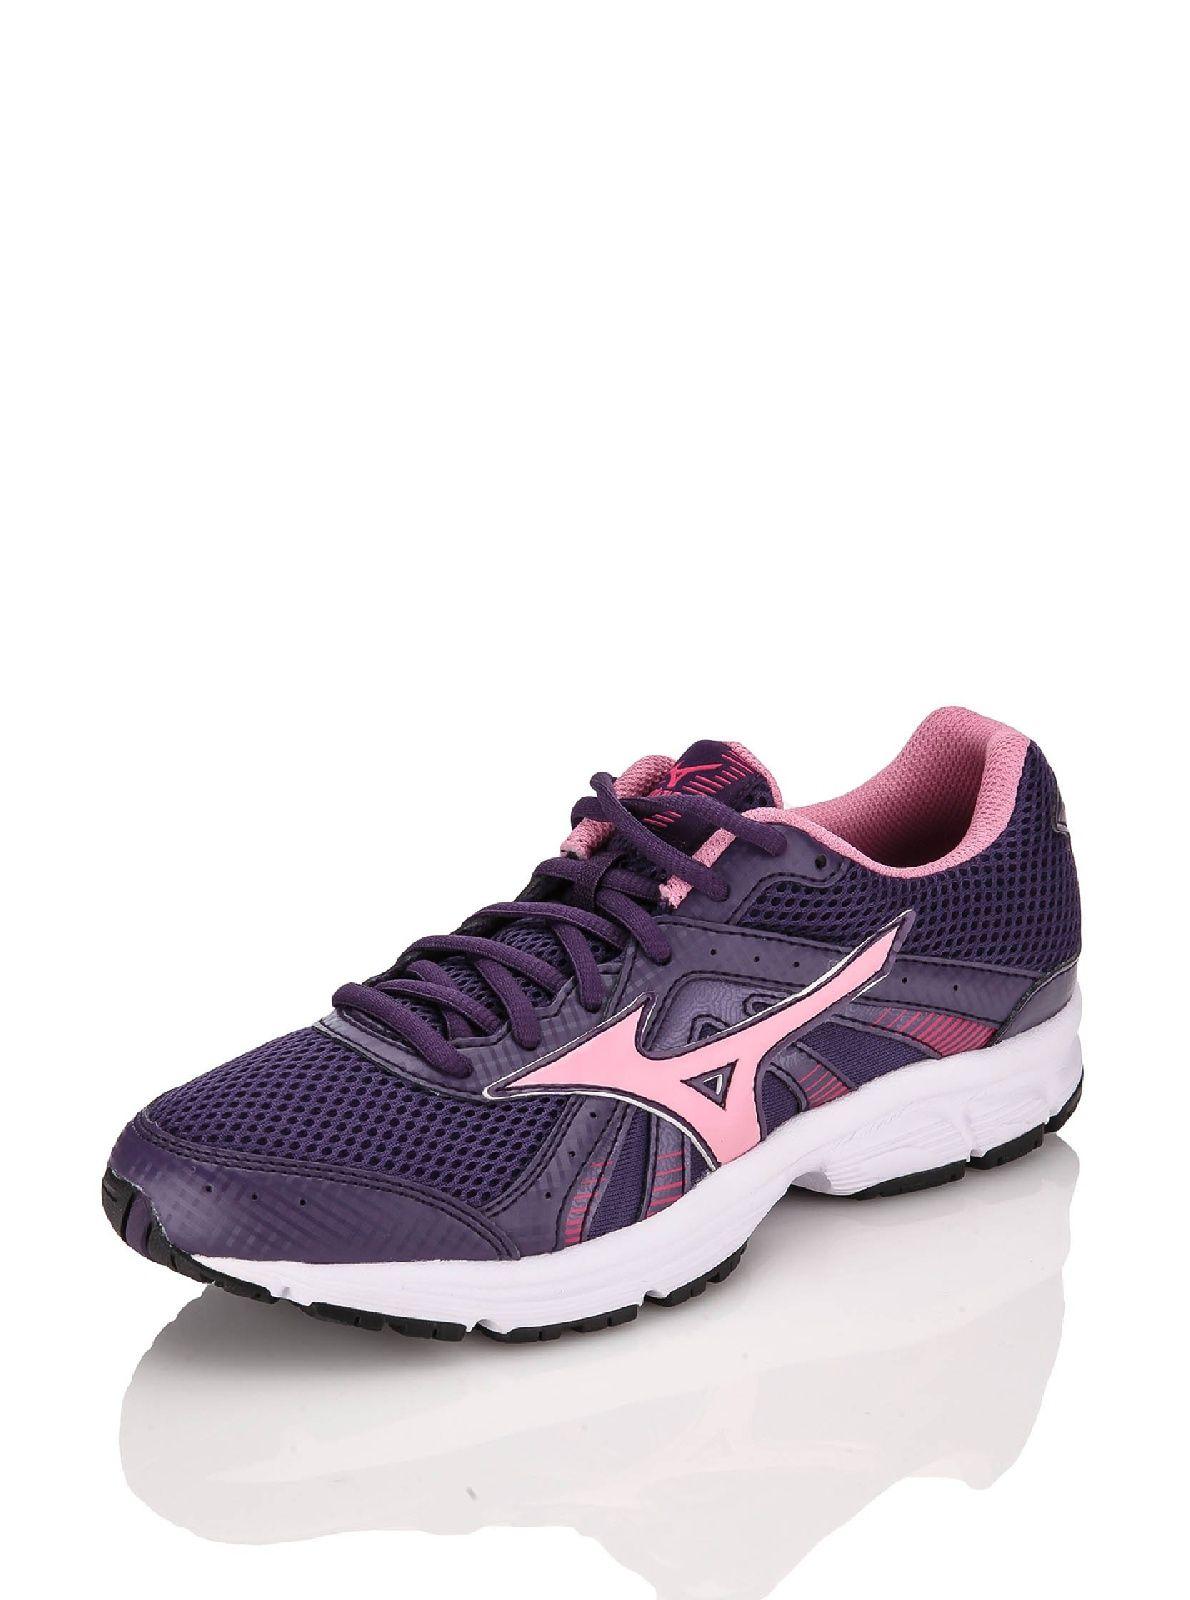 Sportlicher #Rabatt - #Mizuno Sneaker Crusader 0 ab 25,95€. Kurze Zeit zum halben #Preis